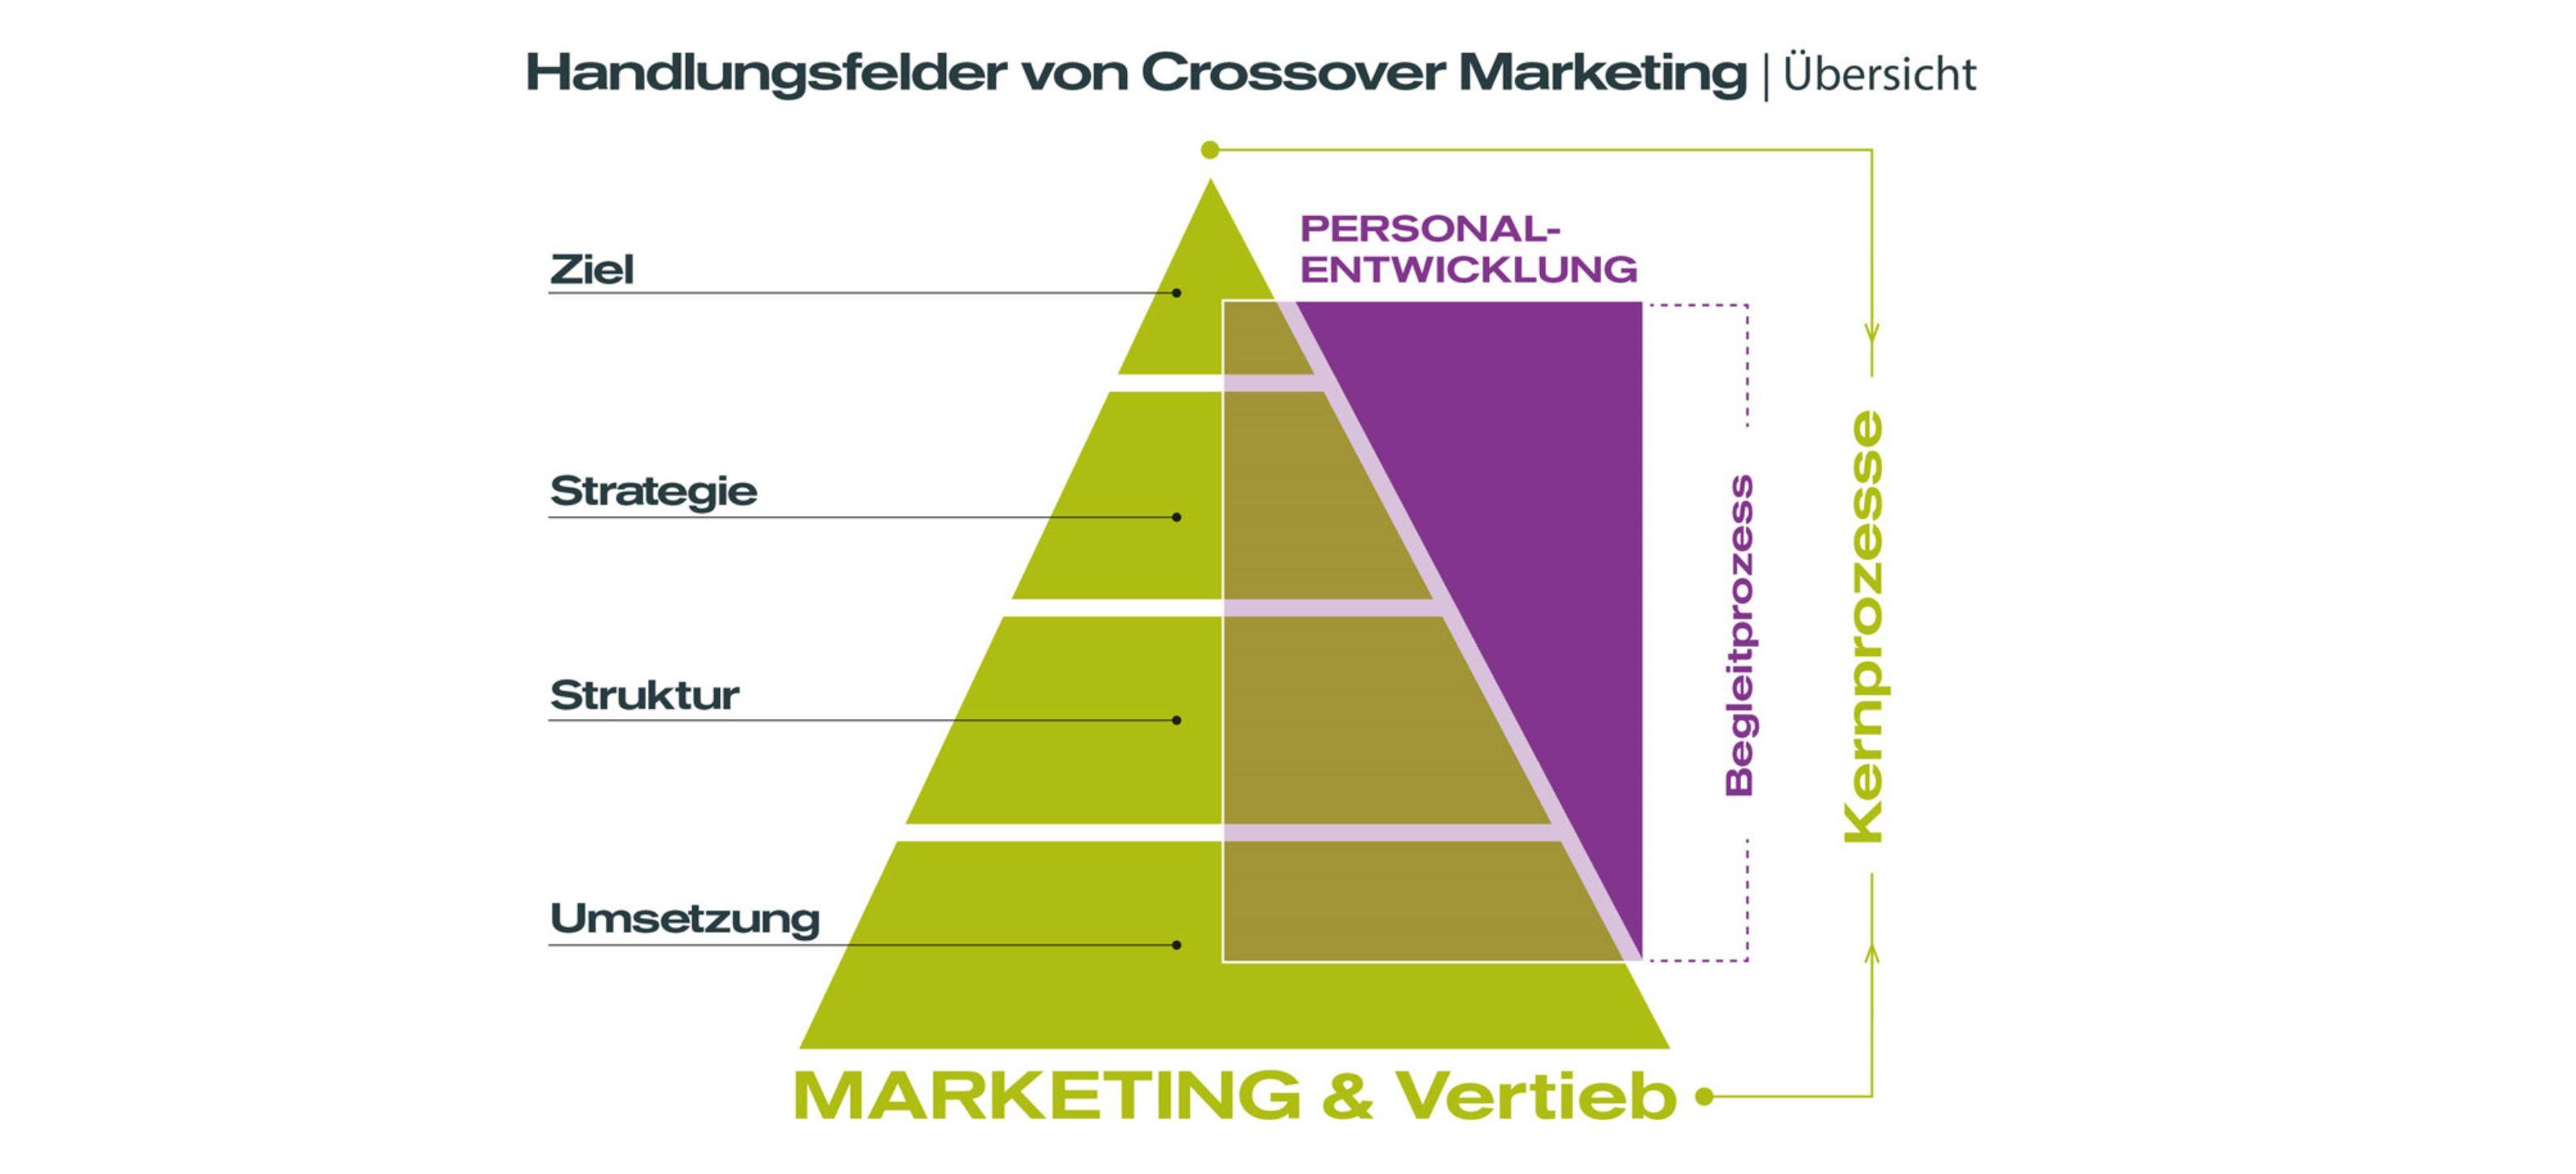 crossover marketing wir für sie Handlungsfelder